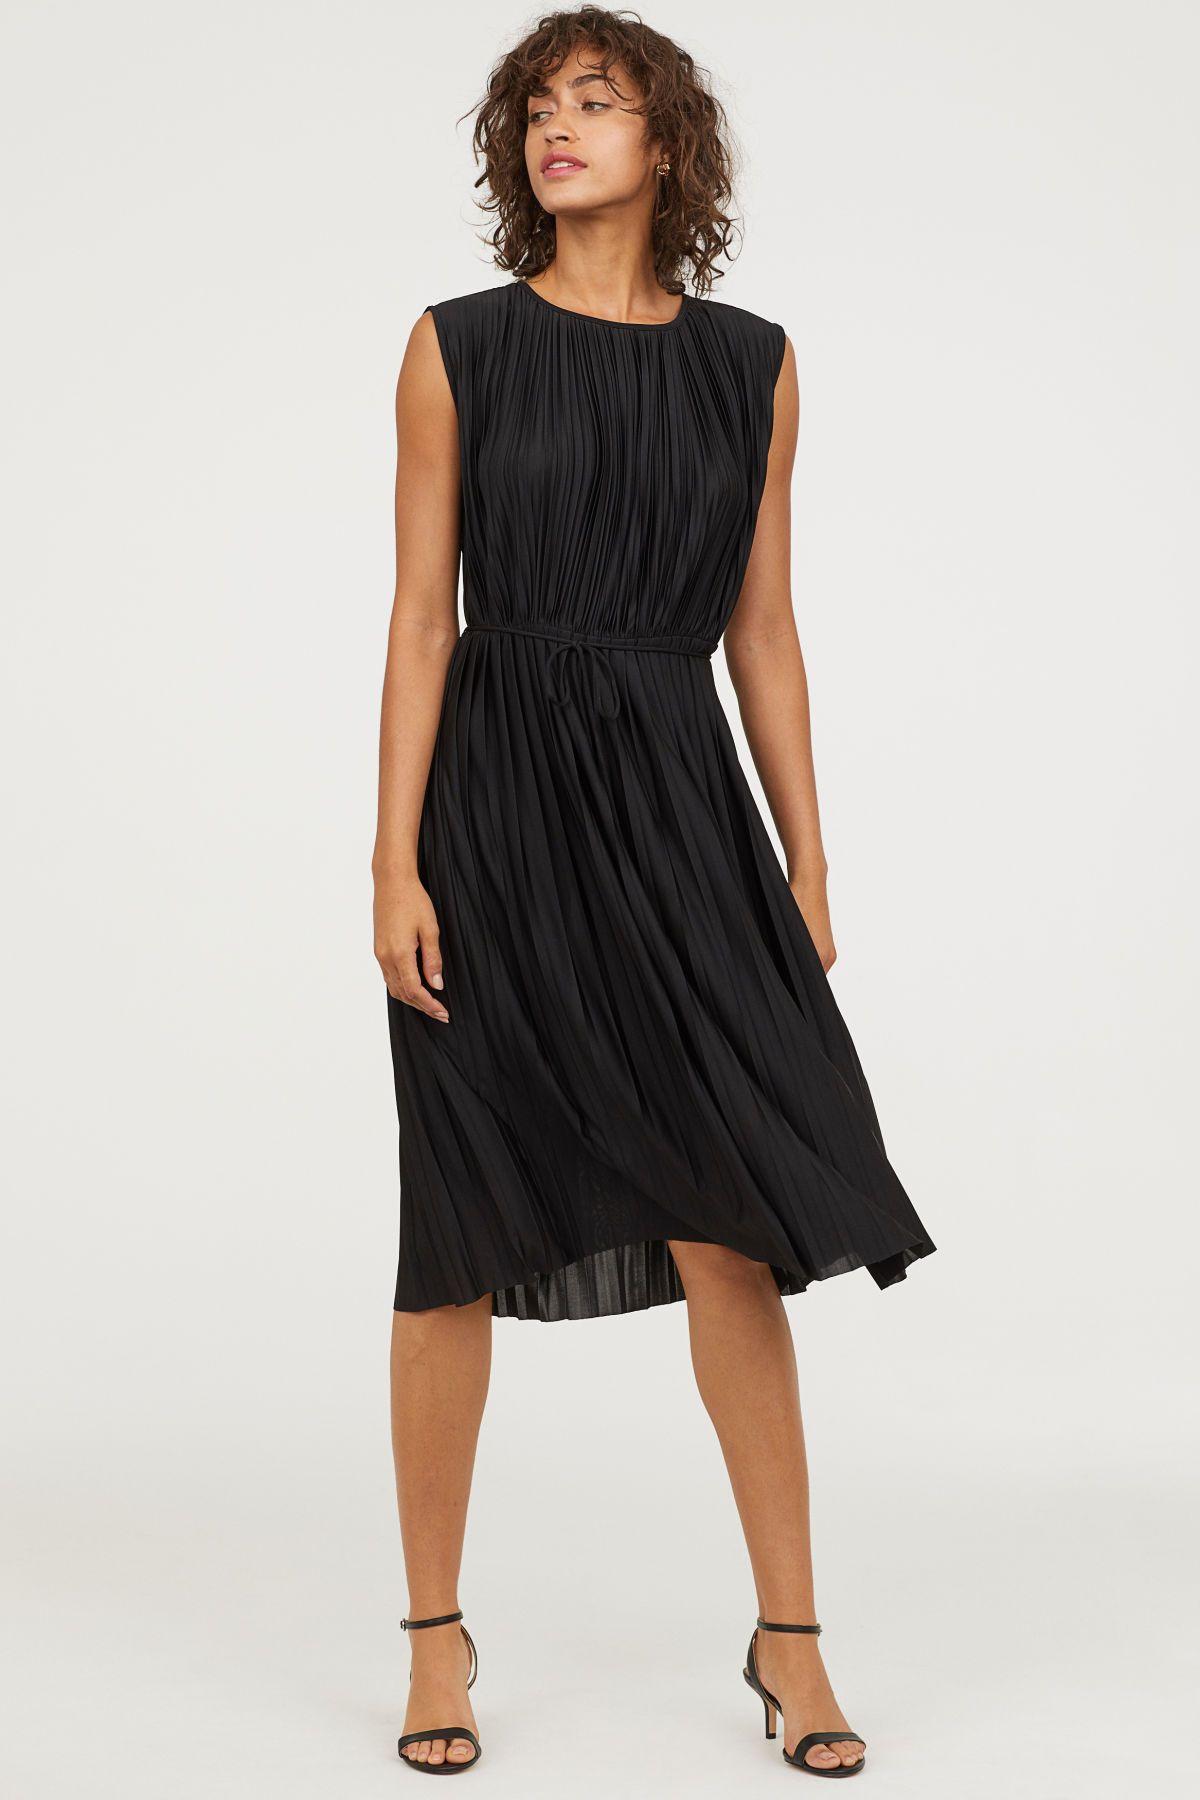 a7c0b4515703 Schwarz. Ärmelloses, knielanges Kleid aus plissiertem, glänzendem Jersey.  Das Kleid hat vorn einen Rundausschnitt und hinten einen V-Ausschnitt mit  Schmucke